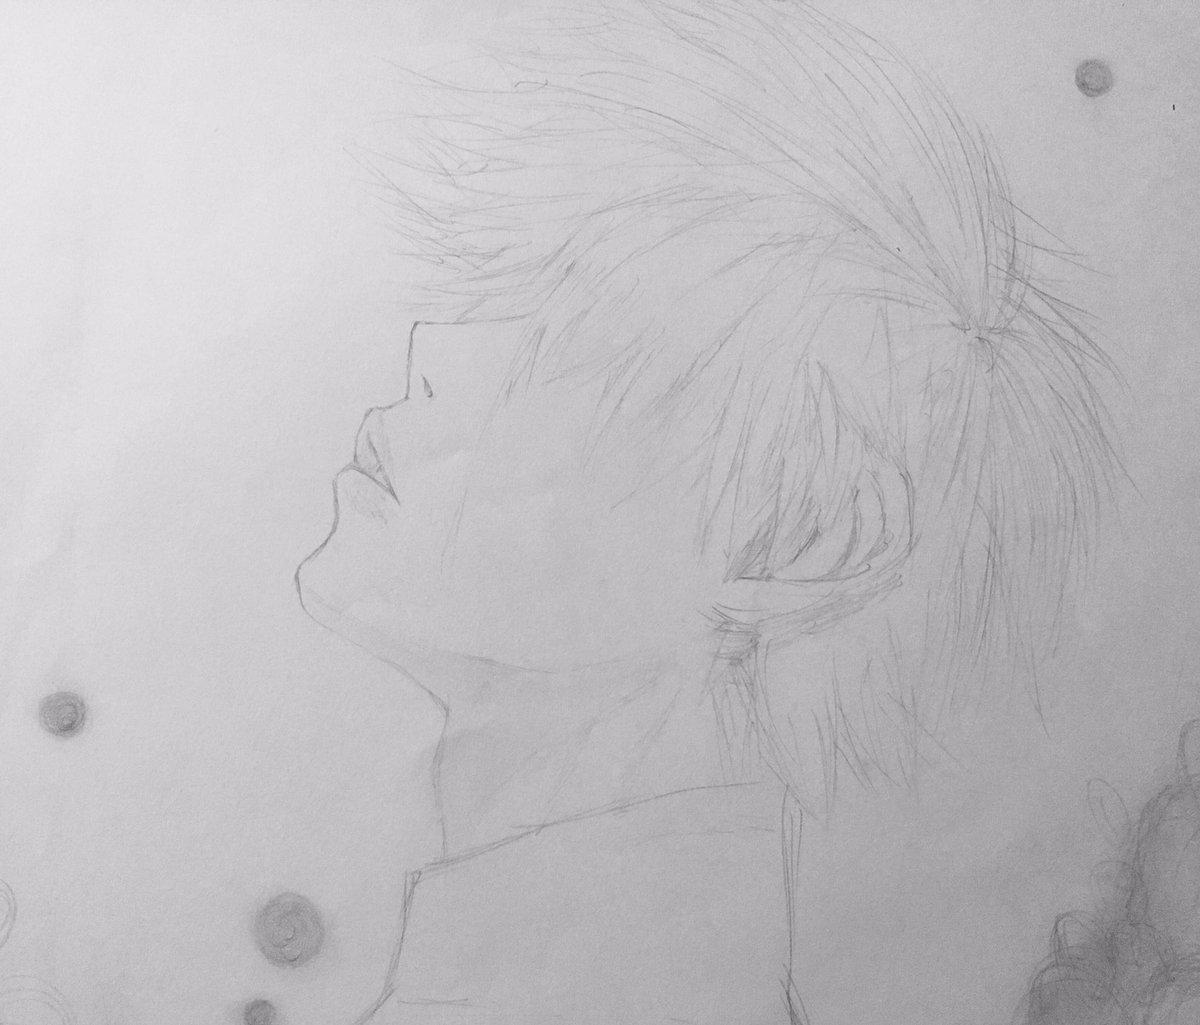 #絵描きさんと繋がりたい 高1、ゆるくやってる⊂⌒~⊃。Д。)⊃仲良くしてくだちぃ(^q^*≡*^p^)殺戮の天使と東京